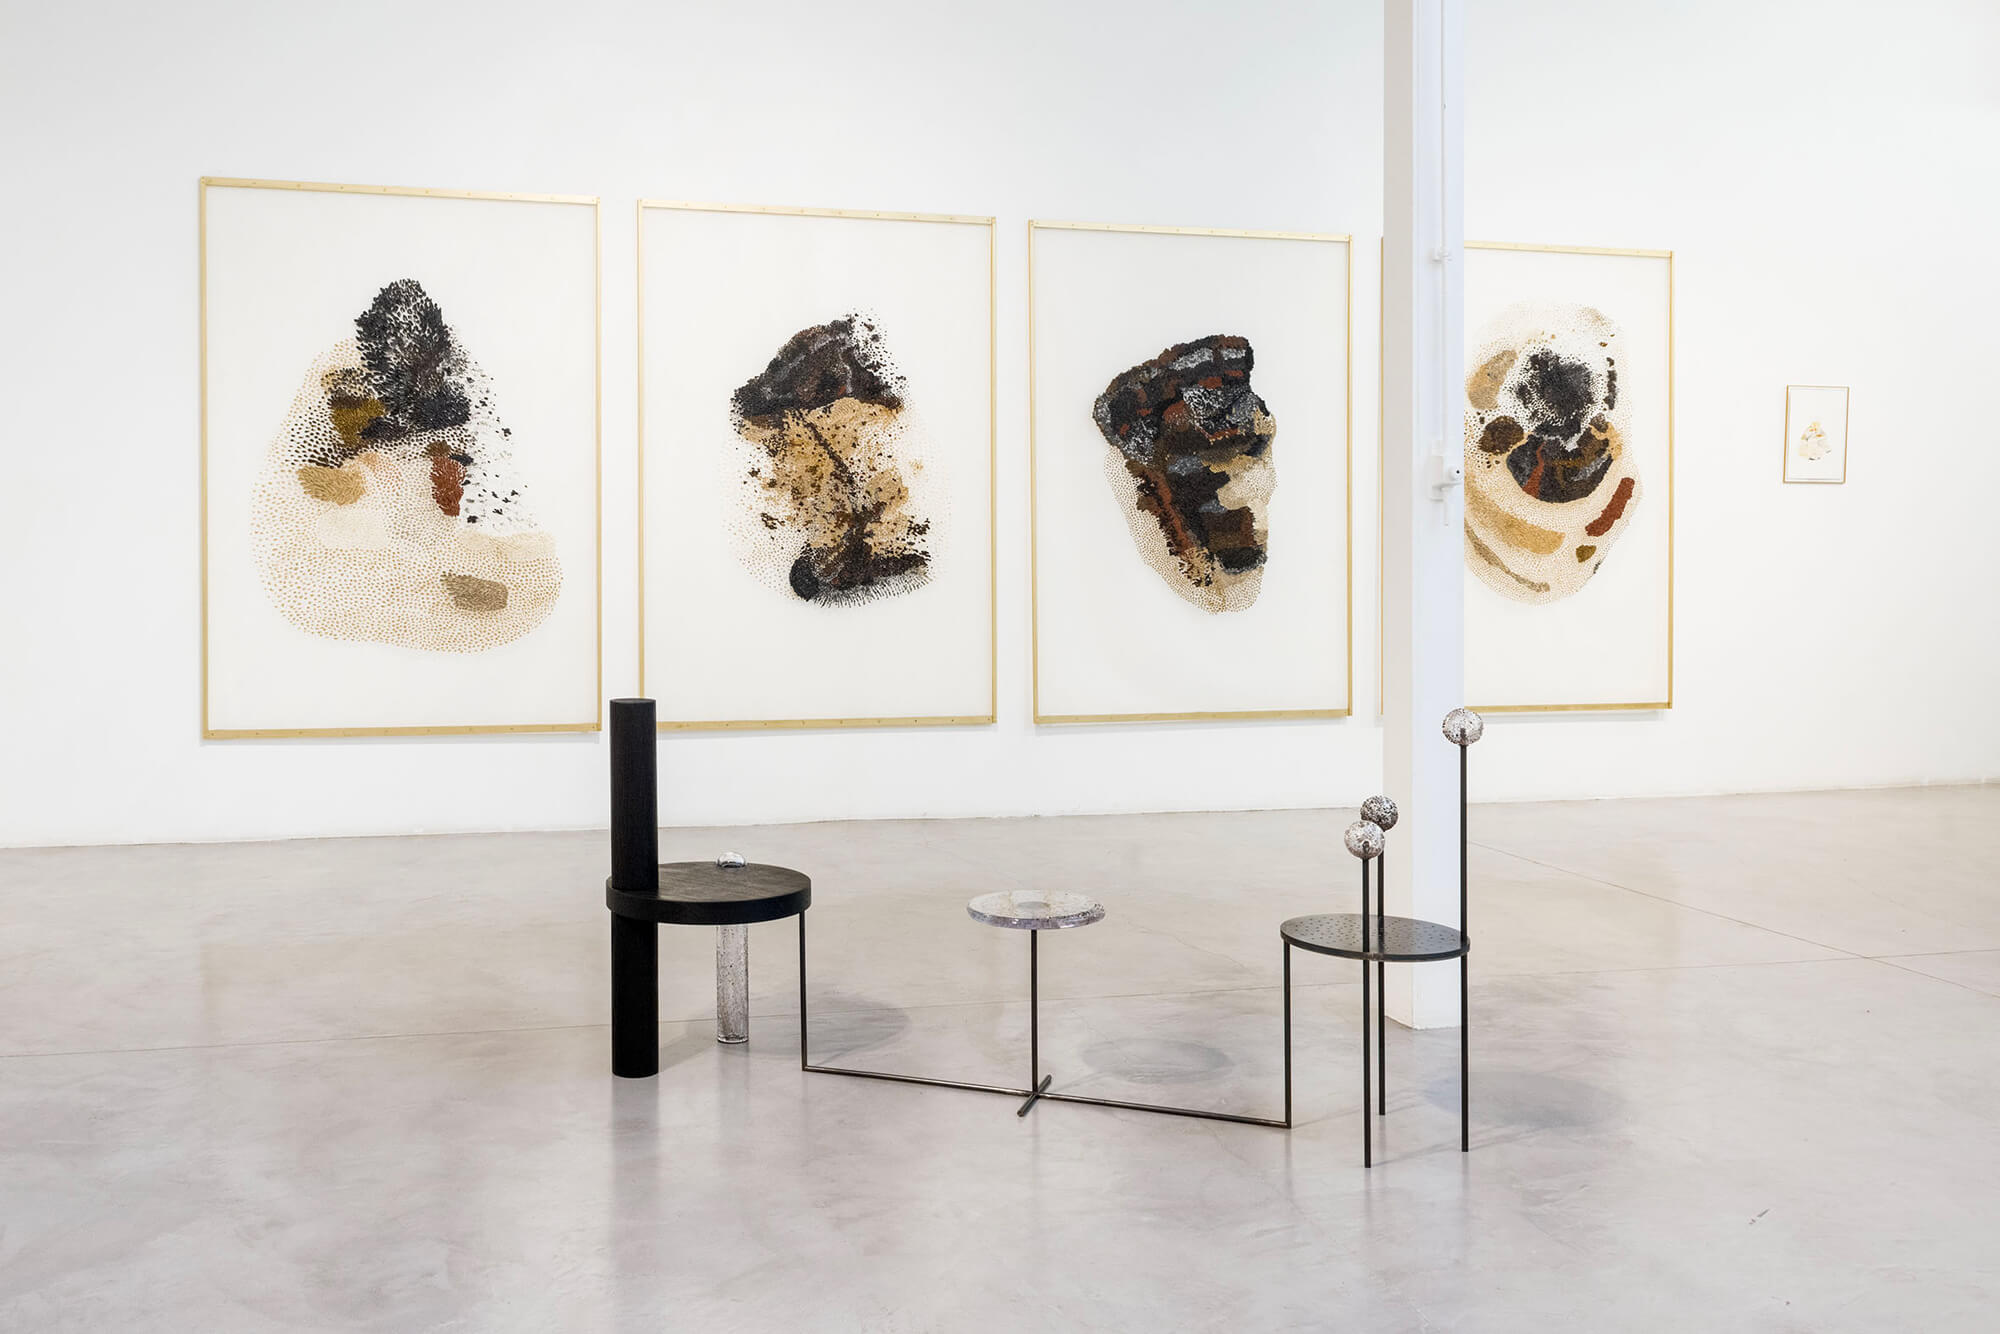 Série des 4 gazes peintes dans l'exposition de Daniela Busarello à la Galerie Mouvements Modernes.